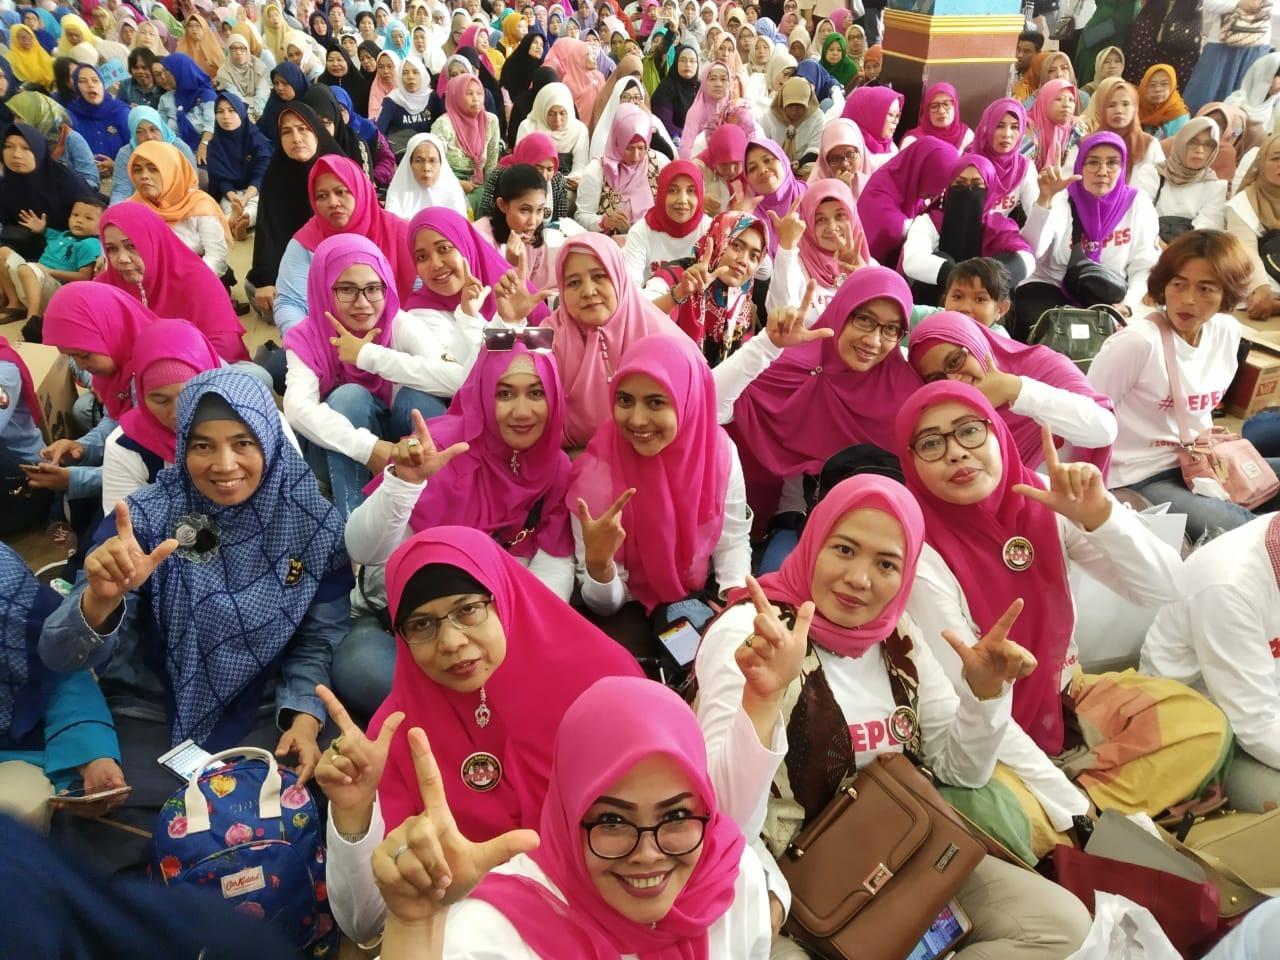 Sandi Uno Community Untuk Indonesia Deklarasi Dukung Prabowo